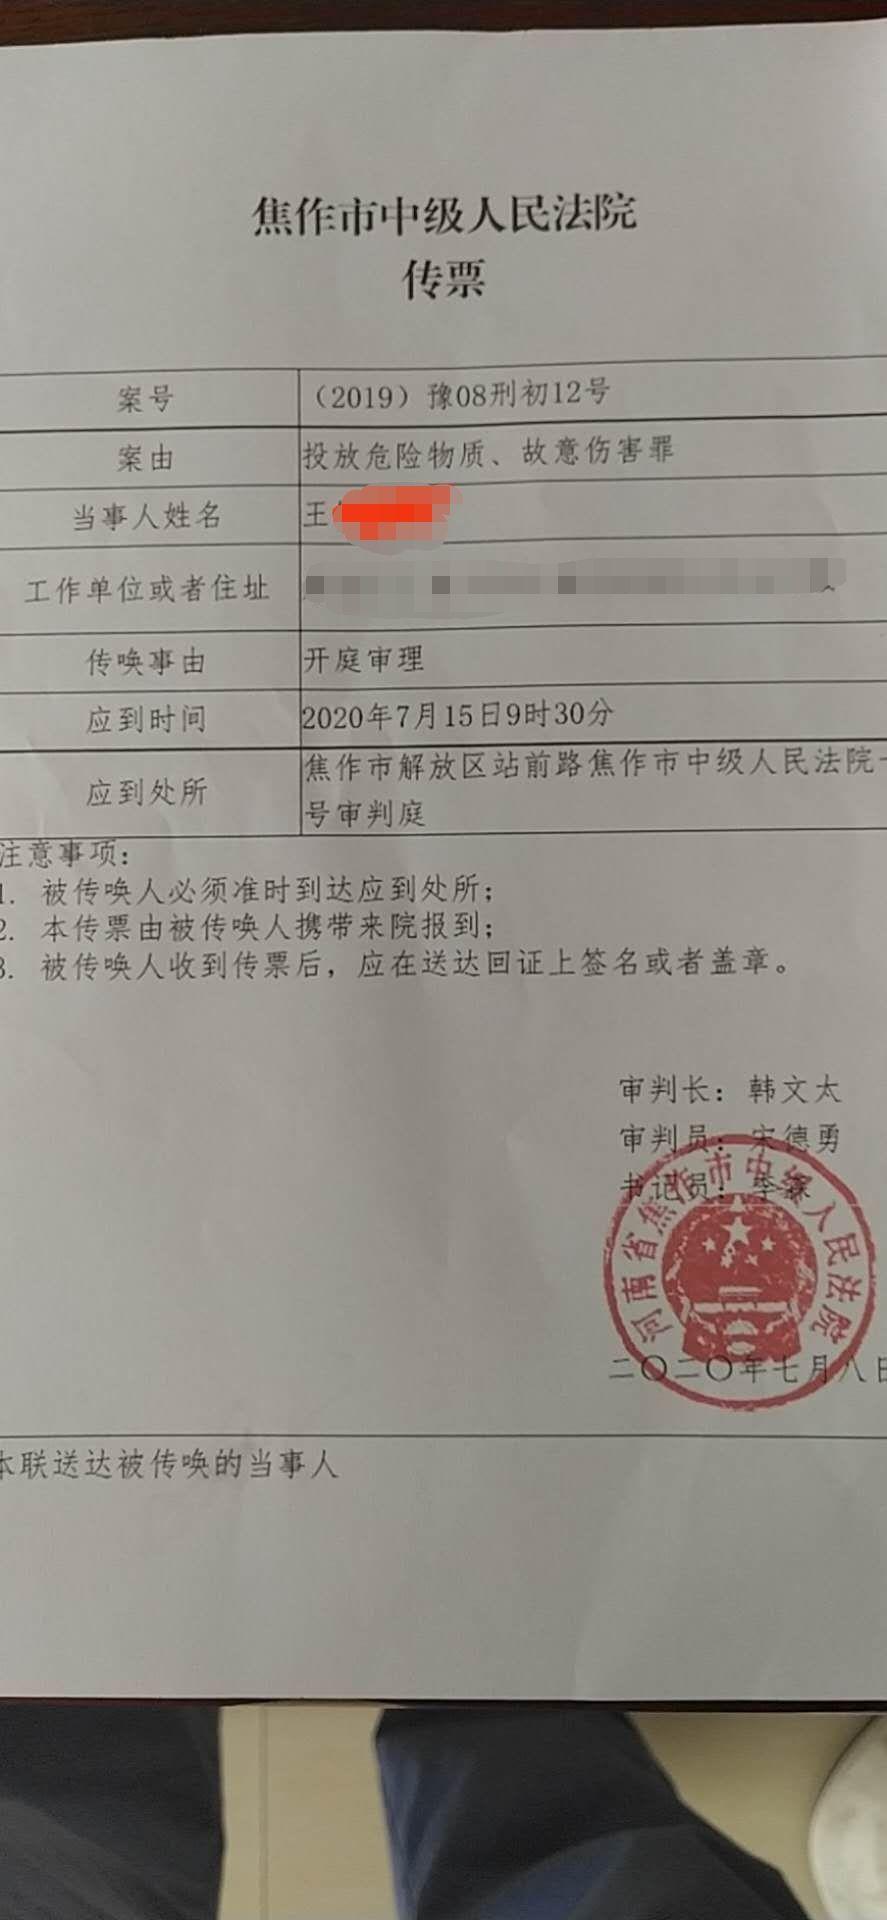 河南焦作涉投毒案幼师被控两项刑